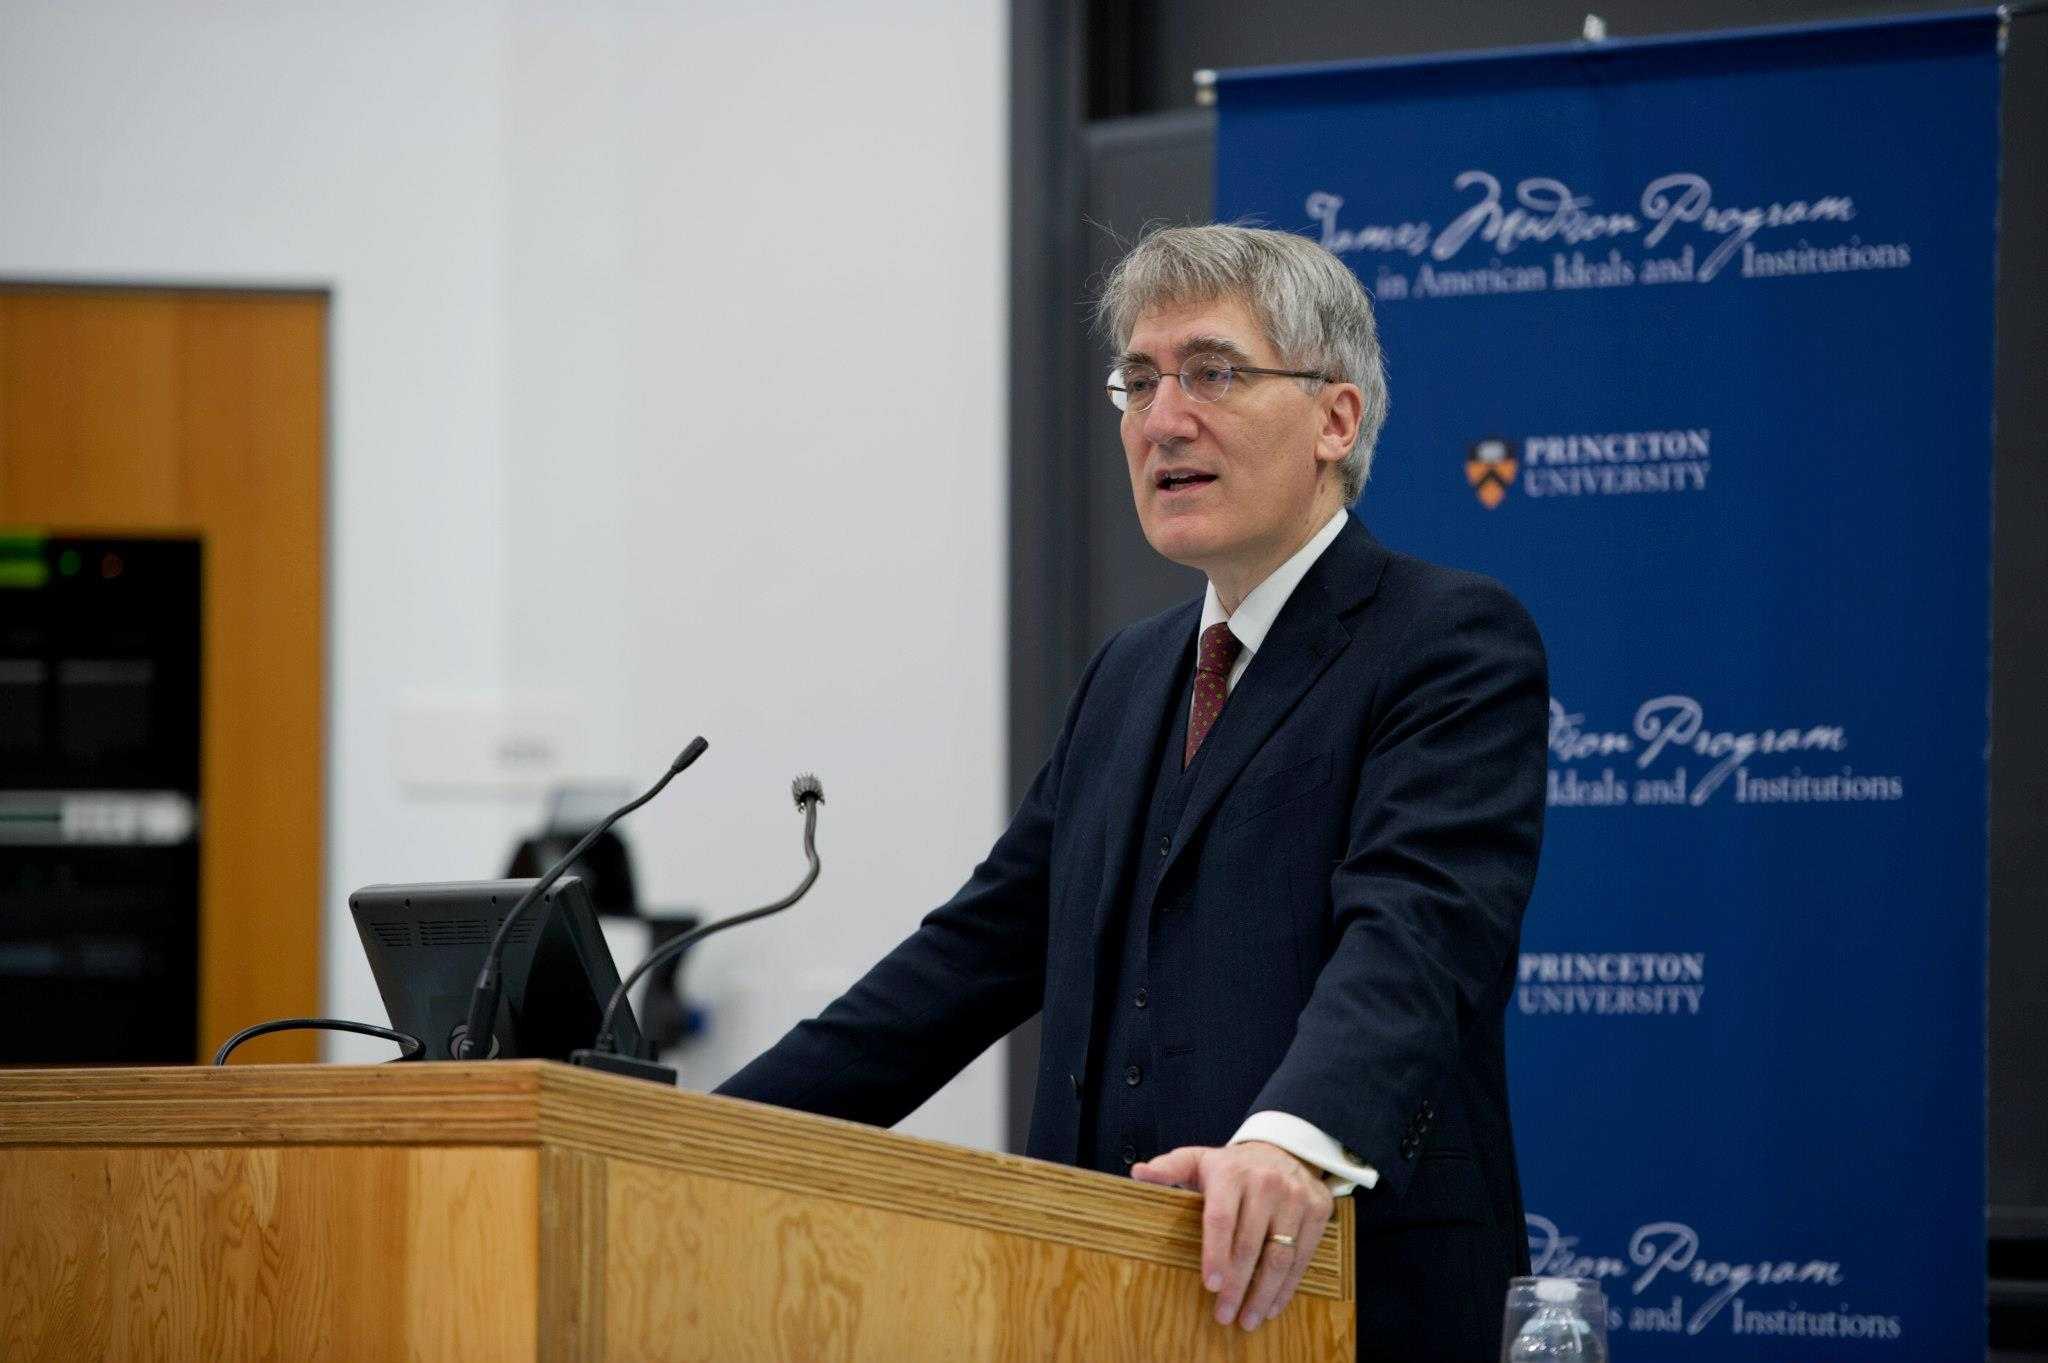 Marturia unui profesor catolic de la Princeton: ZILELE CRESTINISMULUI CONFORTABIL AU TRECUT. Elitele culturale nu mai tolereaza CRESTINISMUL (video)